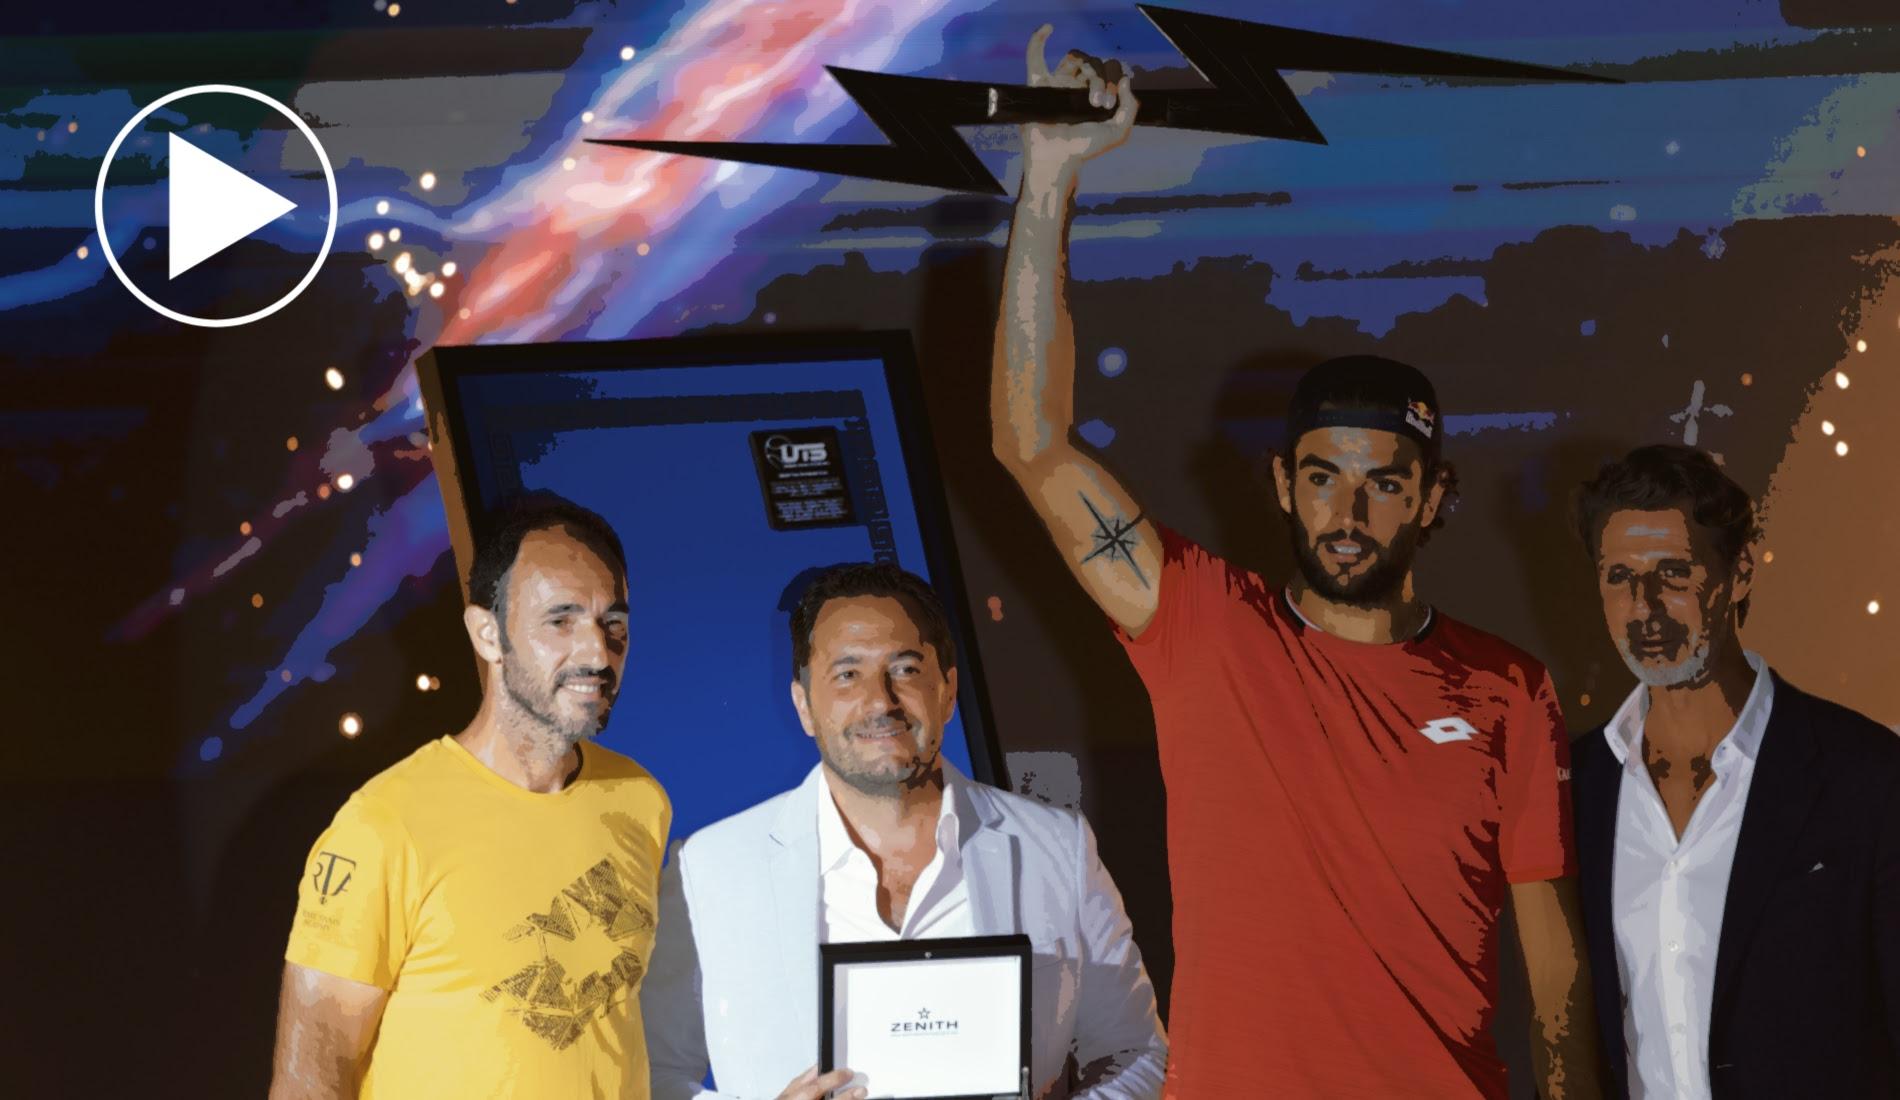 Matteo Berrettini - UTS winner